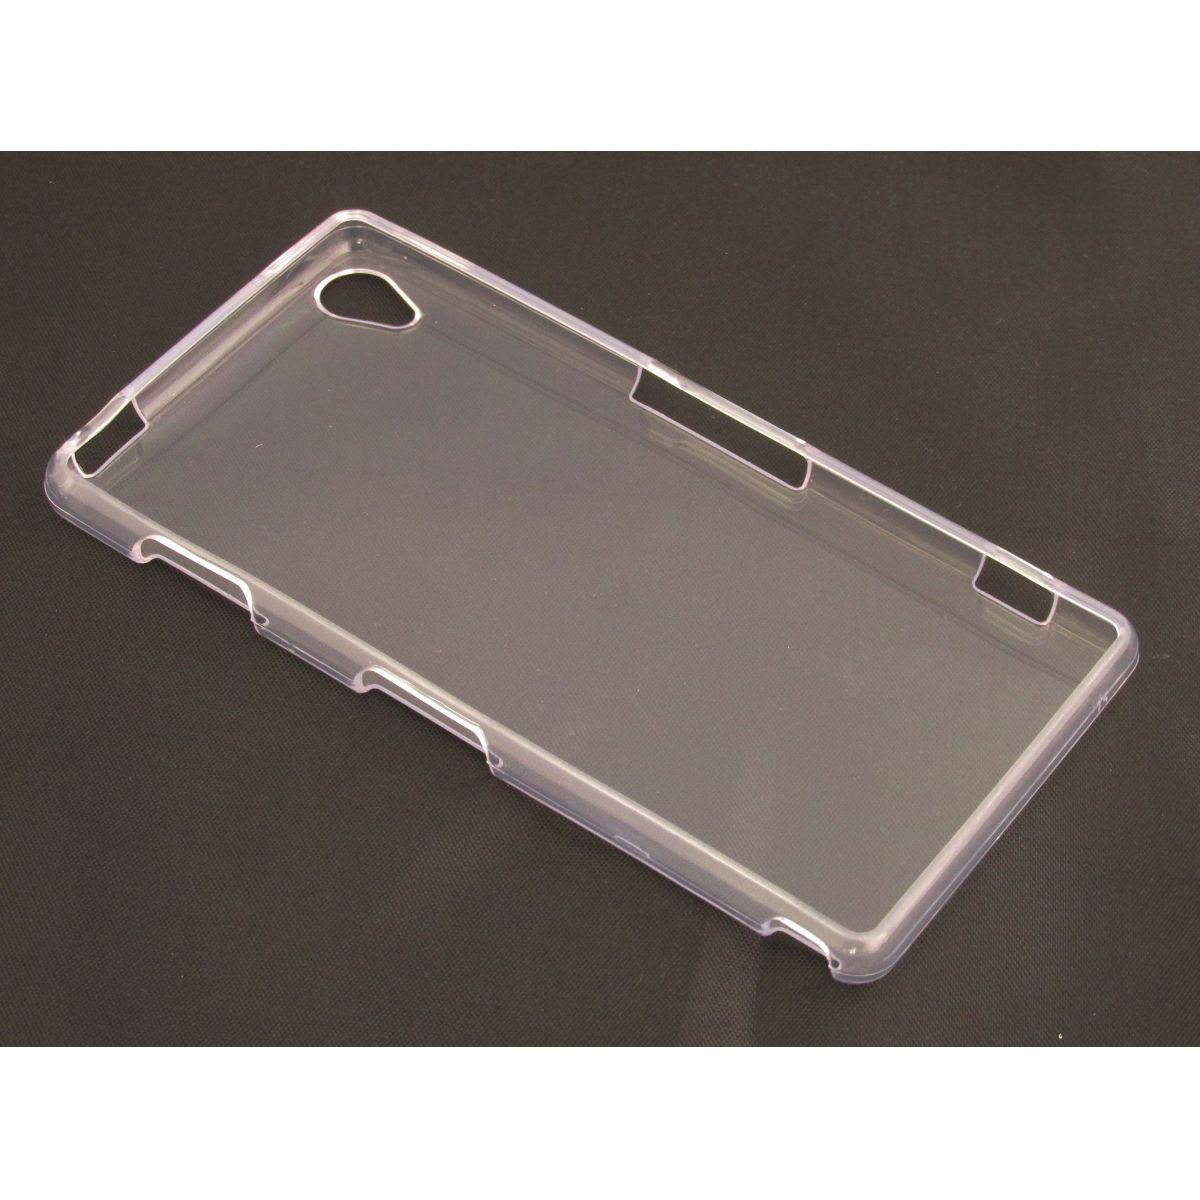 Capa de Tpu para Xperia Z3 D6603 D6643 D6653 D6616 Transparente